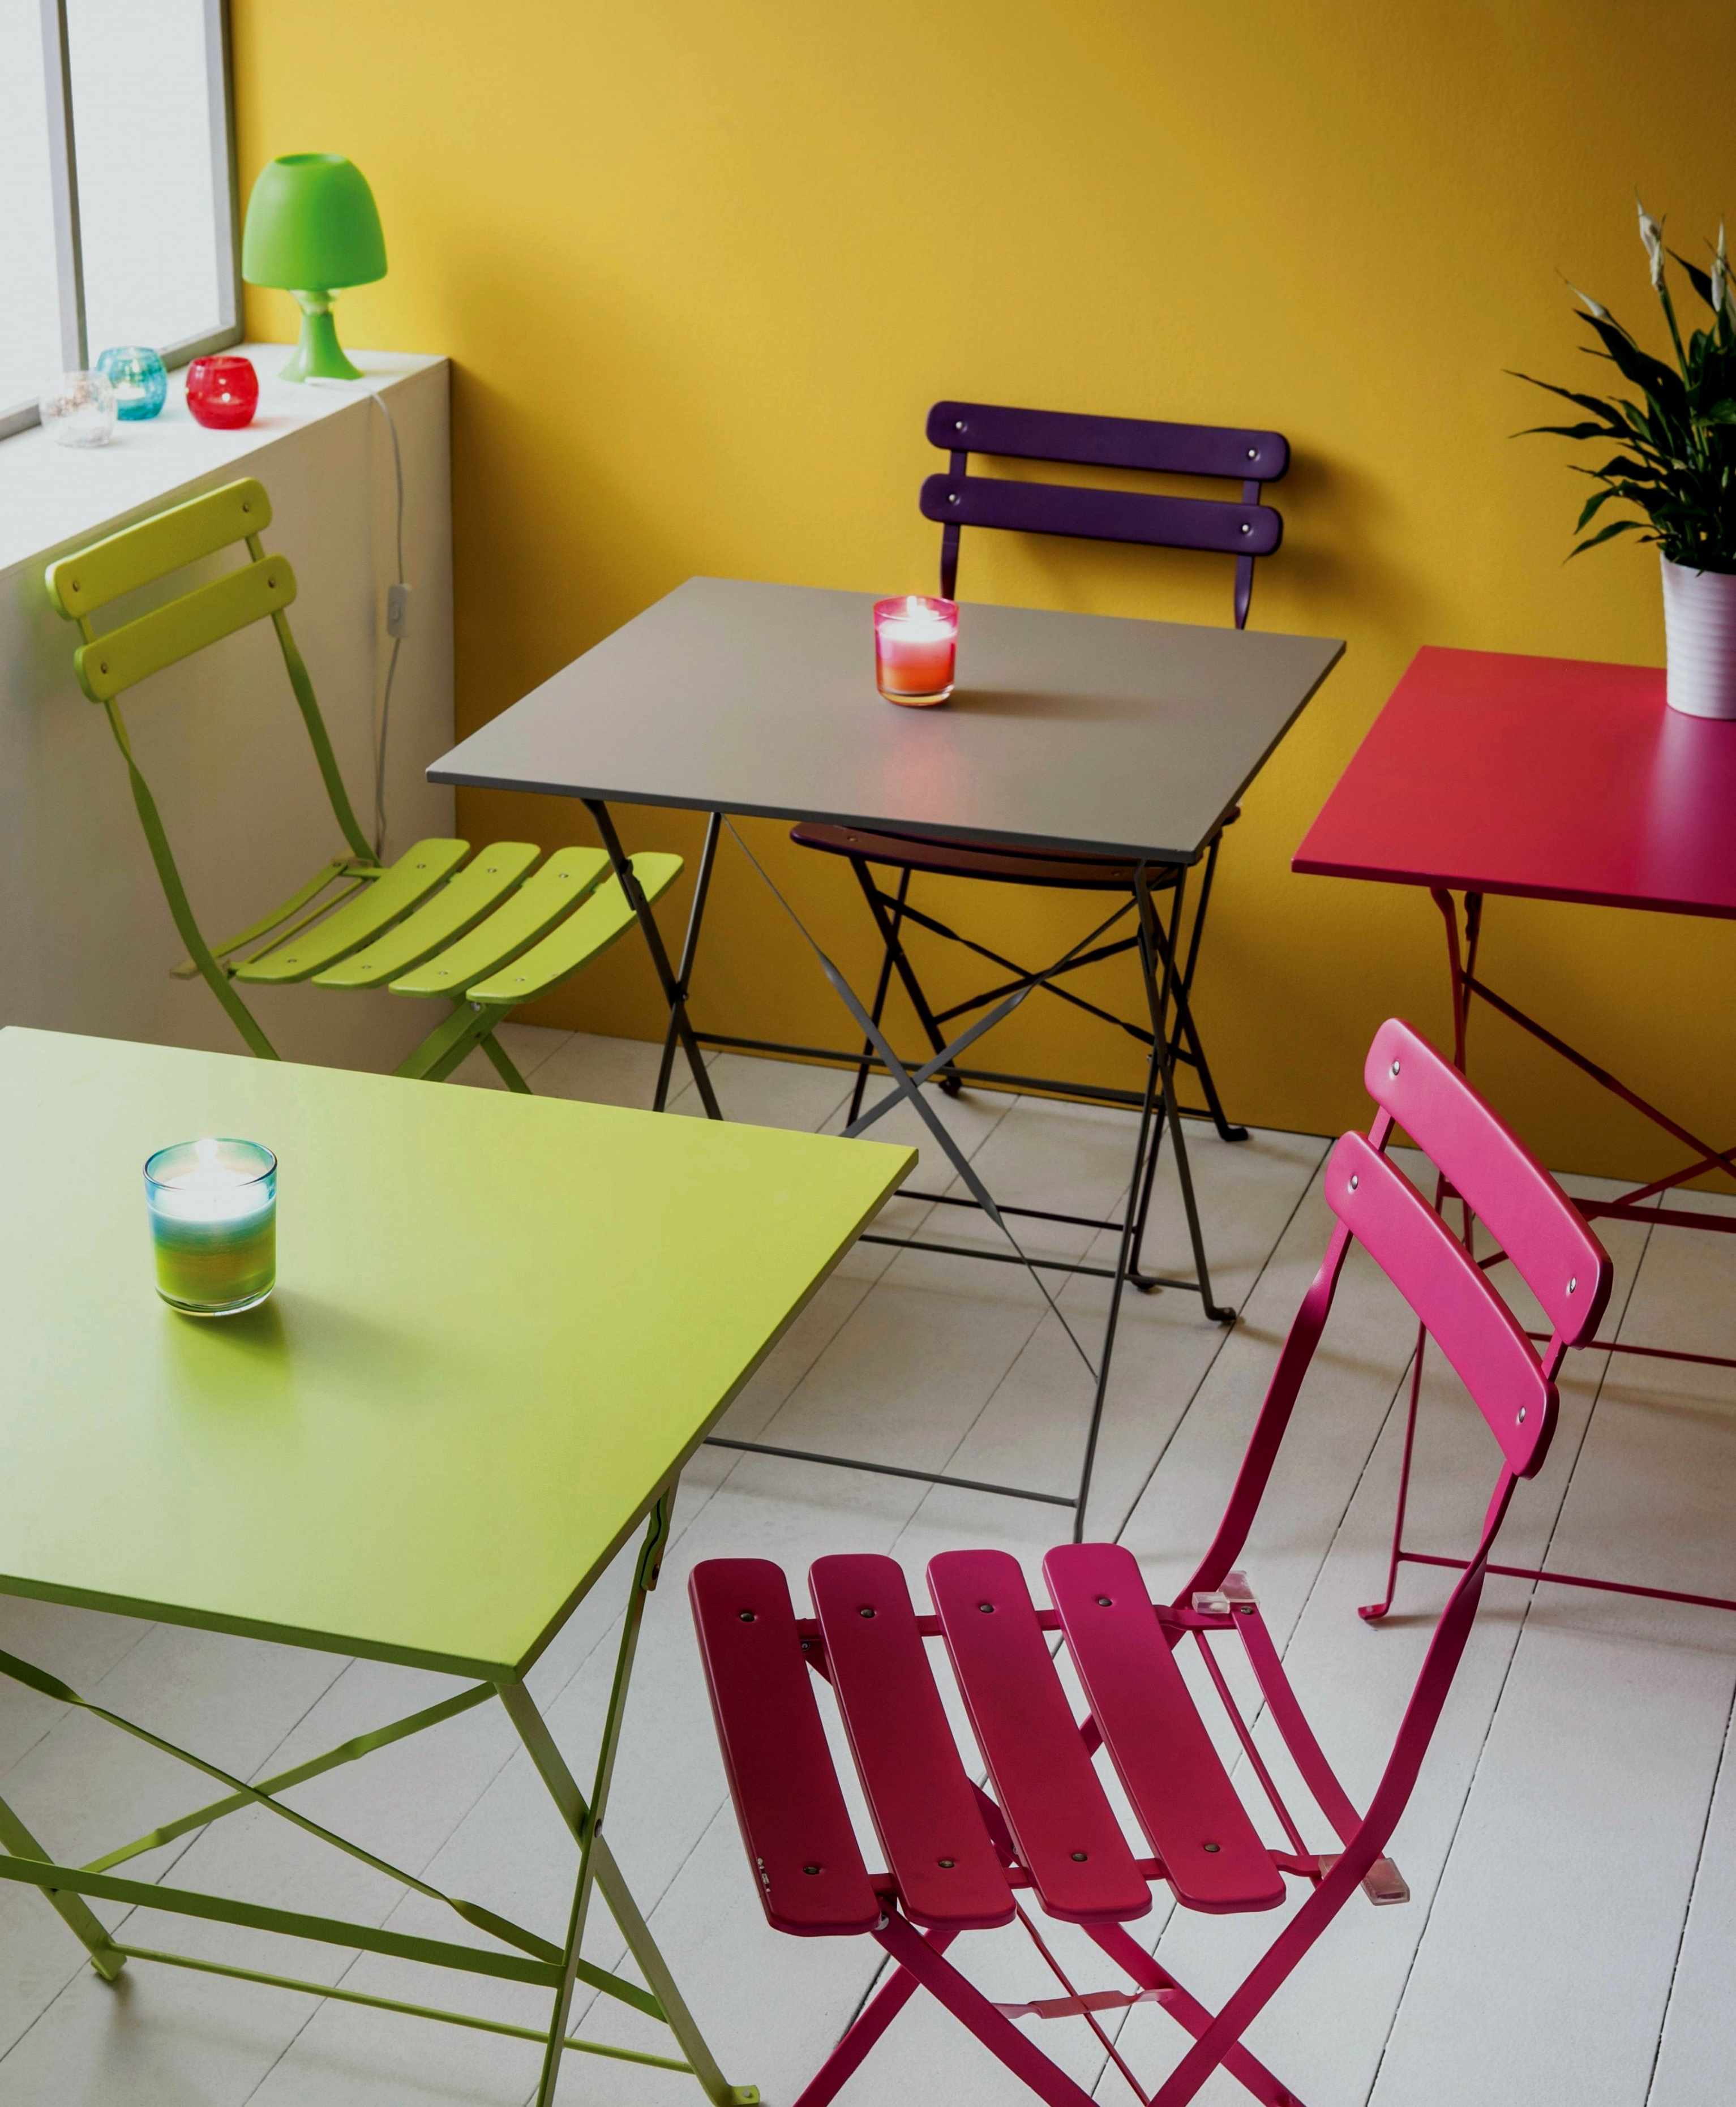 Mobiliario De Oficina Malaga Whdr Mobiliario De Oficina Malaga Vaste Muebles Para Icina